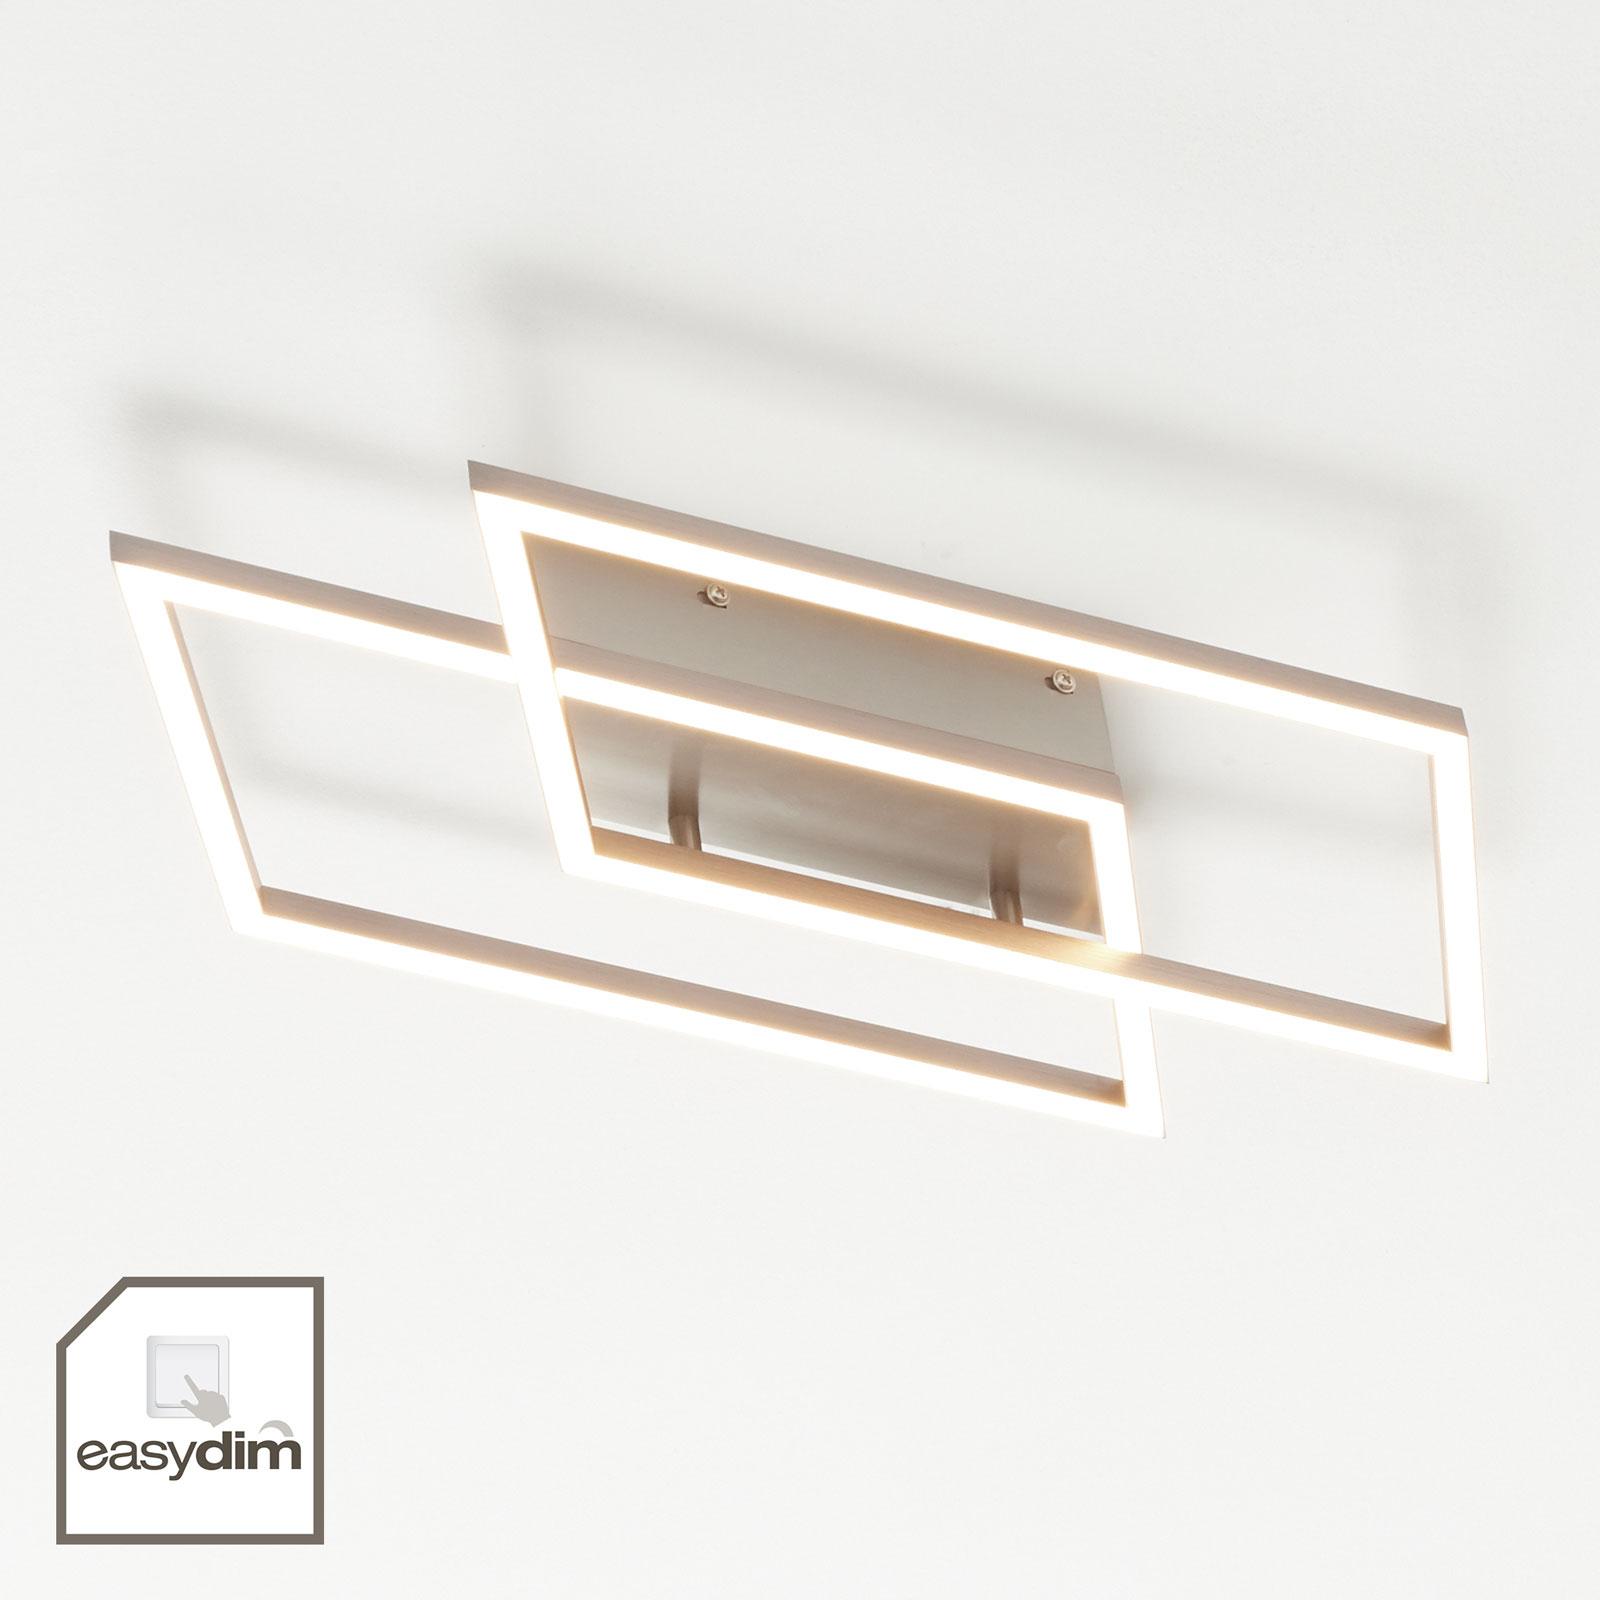 LED-taklampe Inigo med 2 lyskilder, lengde 53,8 cm